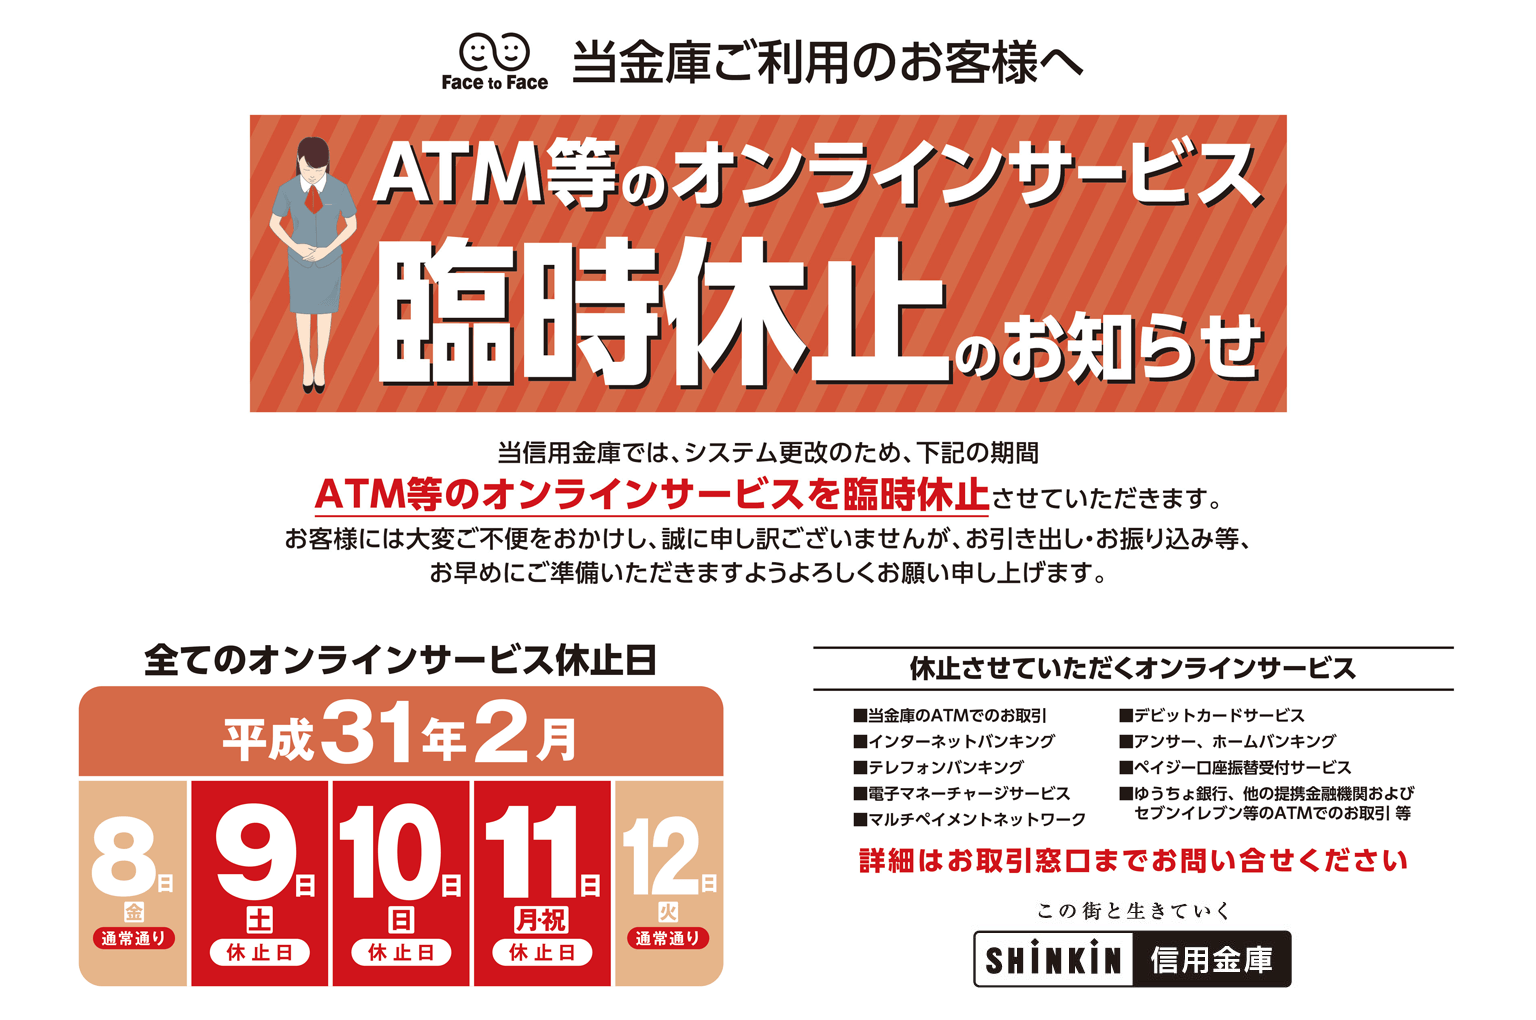 ATM等のオンラインサービス臨時休止のお知らせ